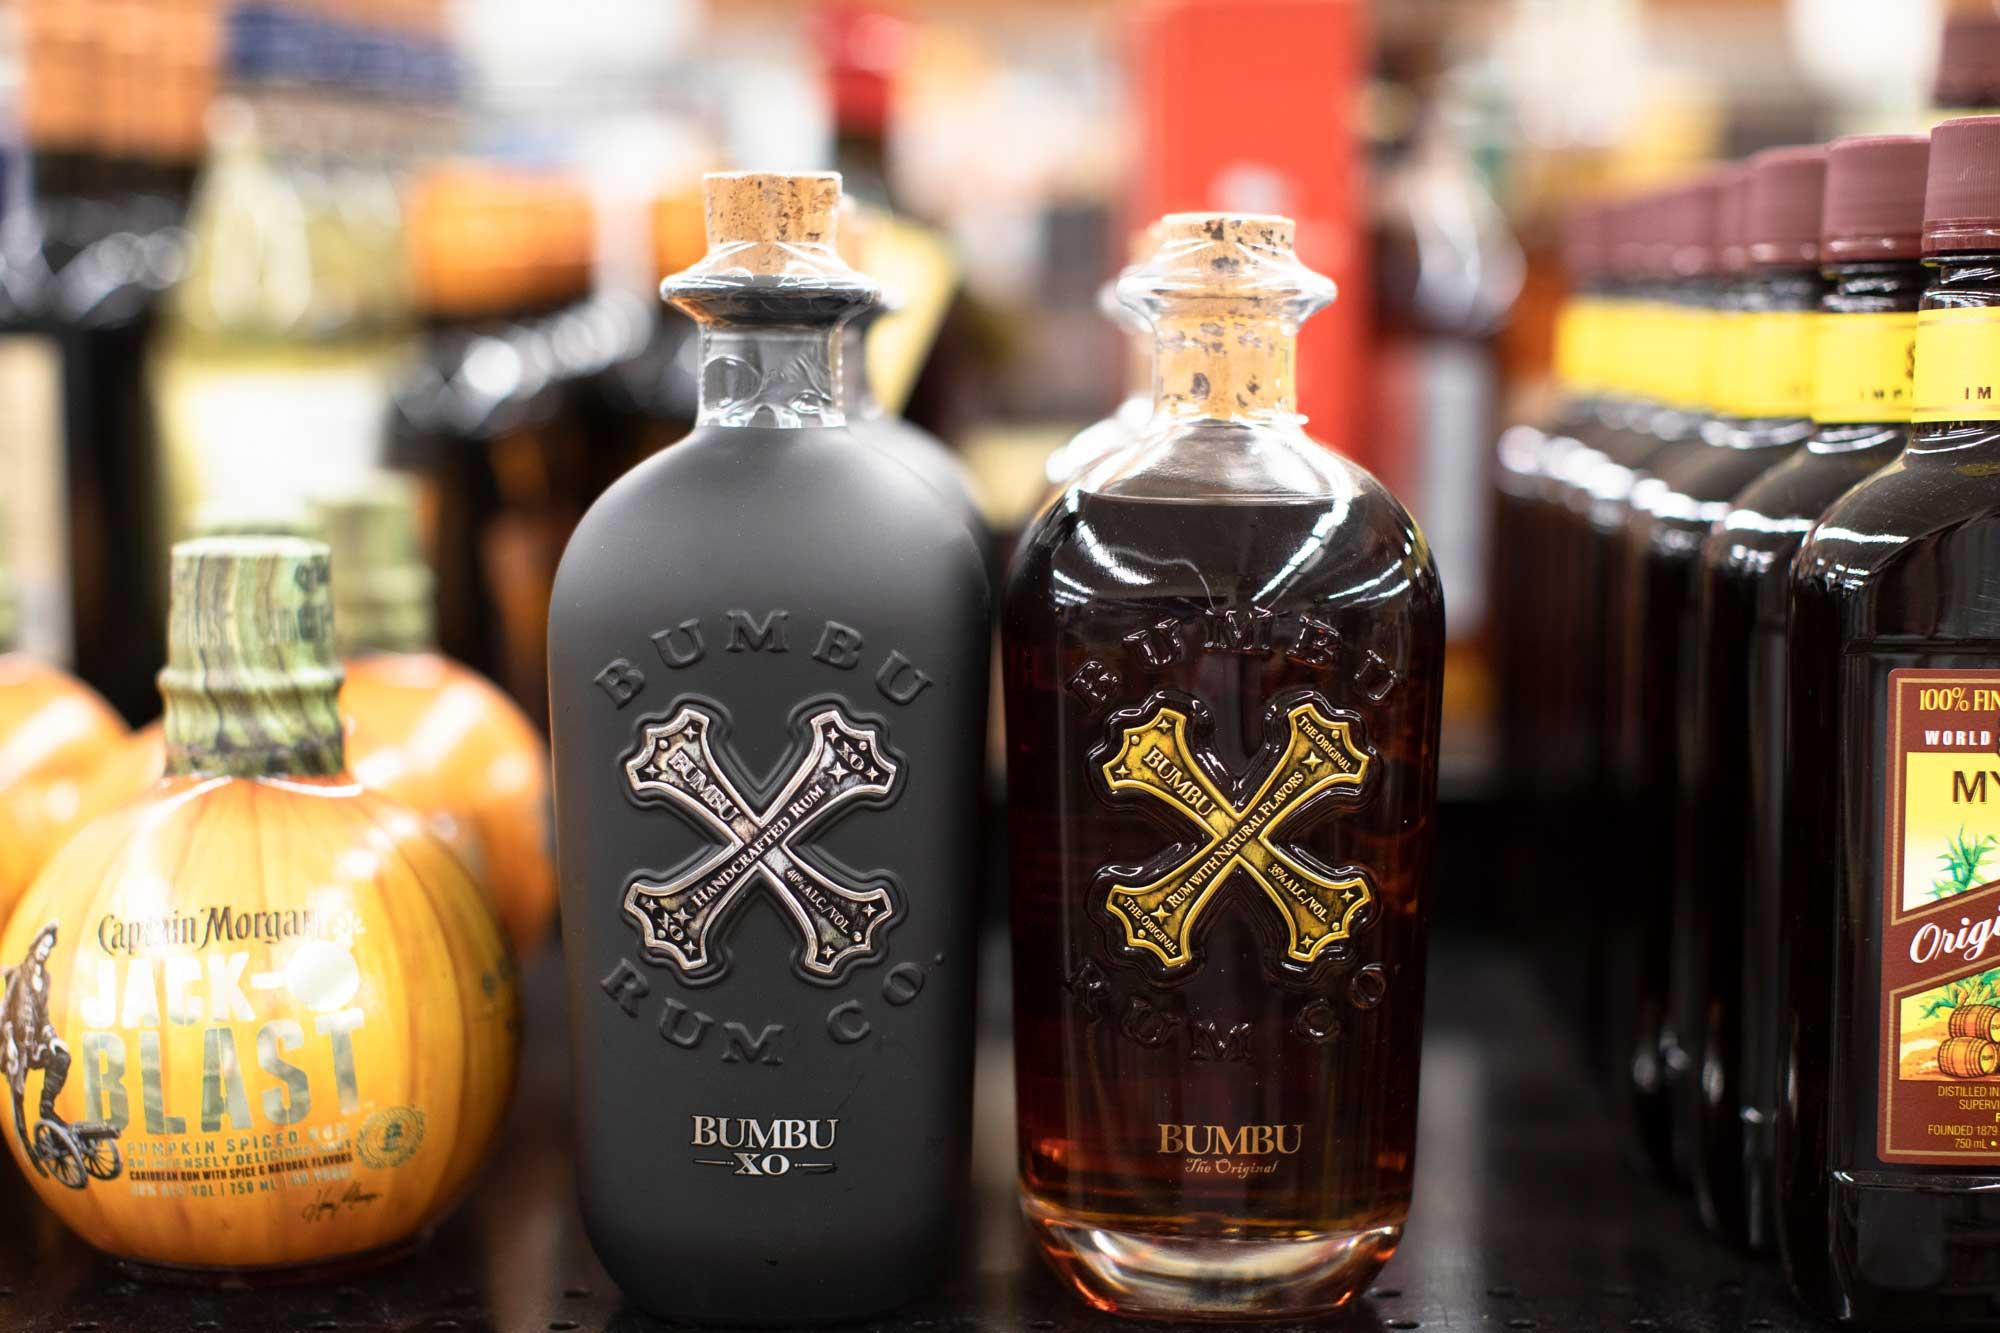 bottles of Bumboo Rum